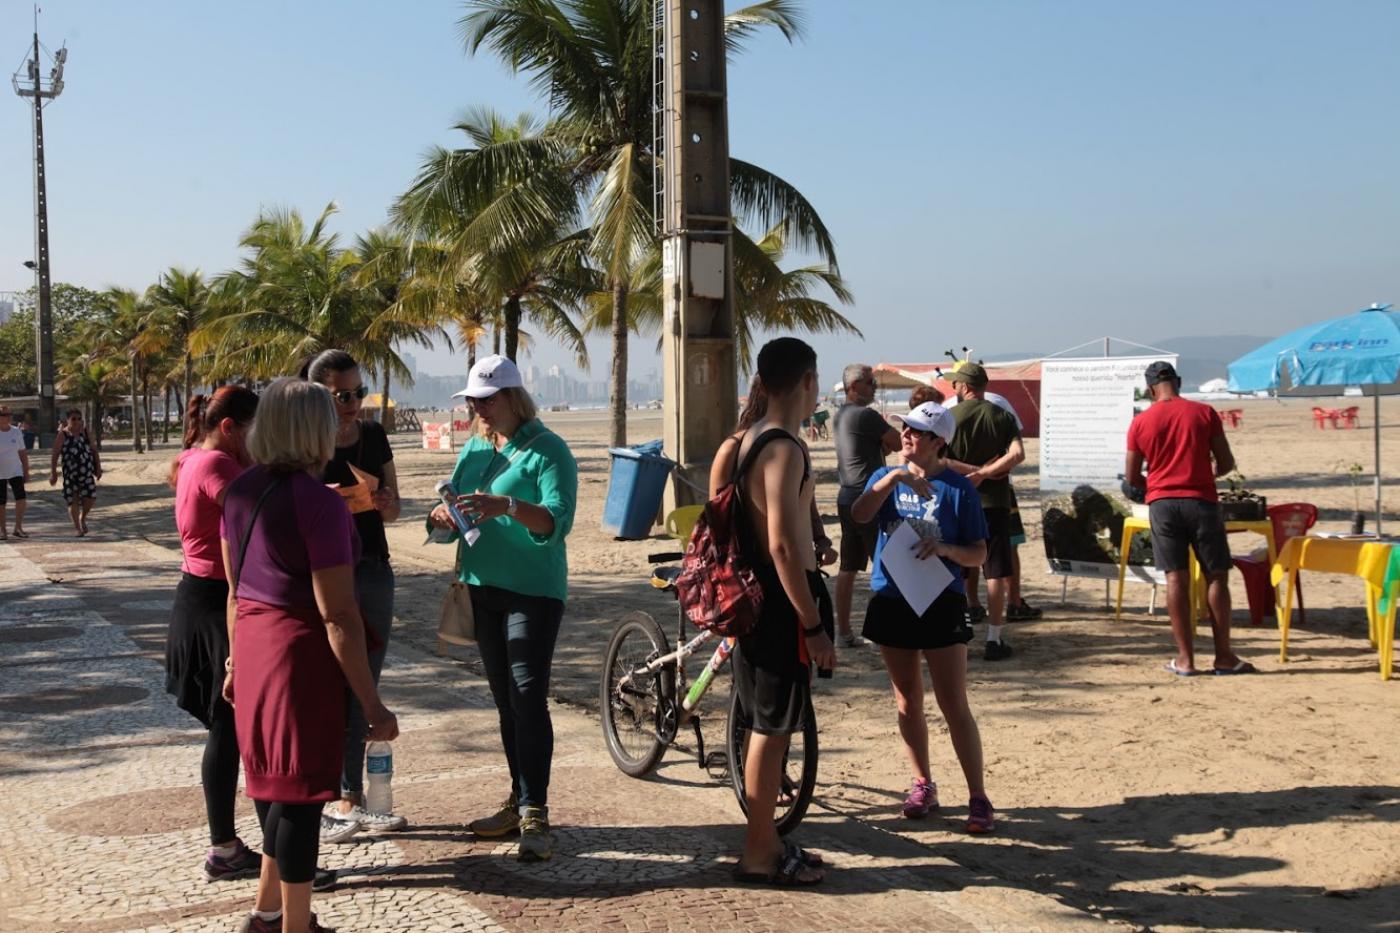 Voluntários entregam folhetos na orla. Pessoas estão no calçadão próximo à areia. #Pracegover